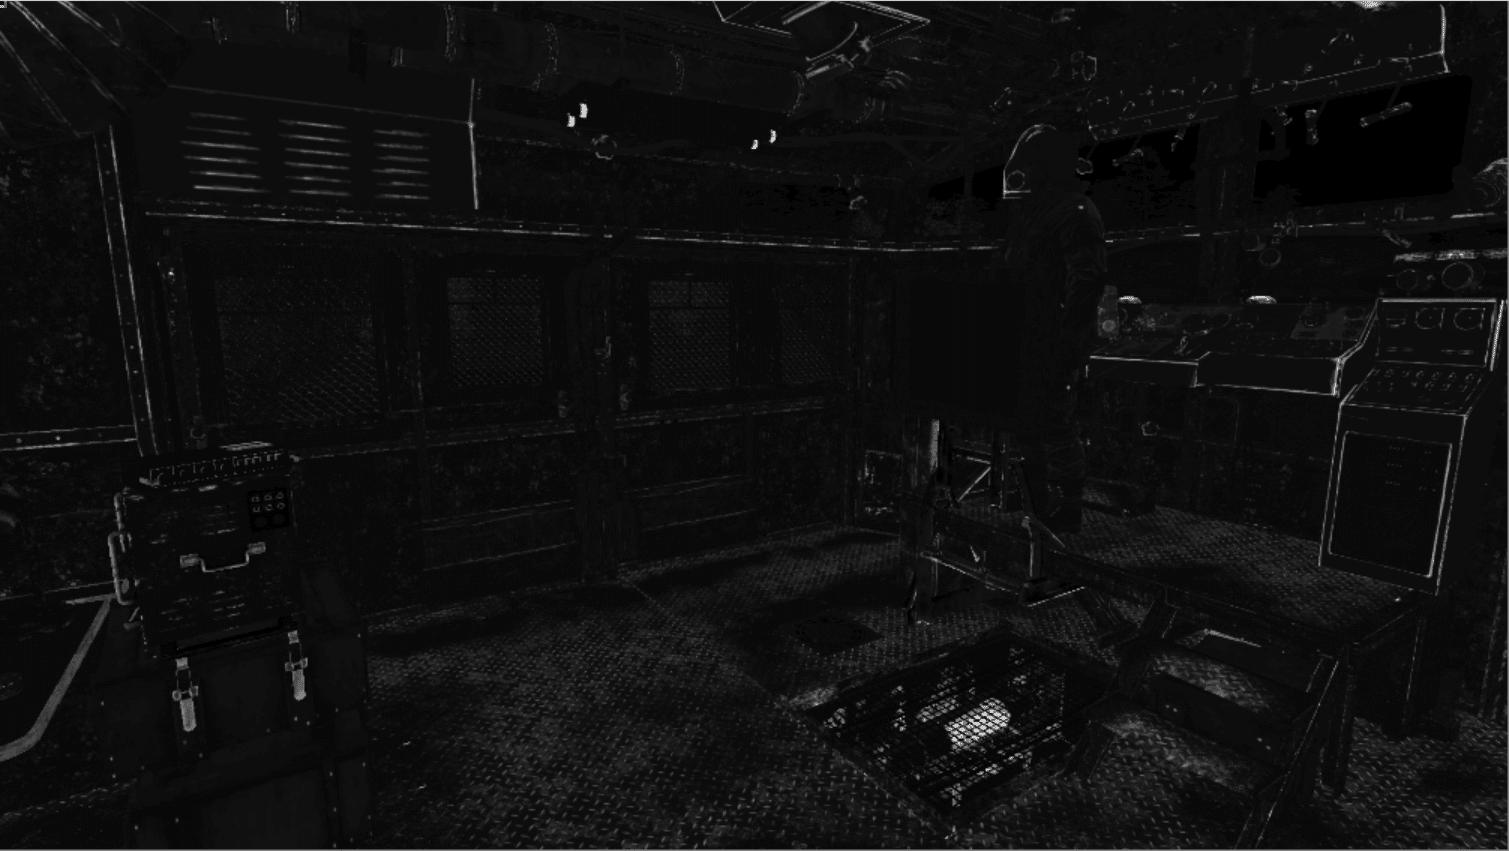 Особенности рендеринга в игре Metro: Exodus c raytracing - 7